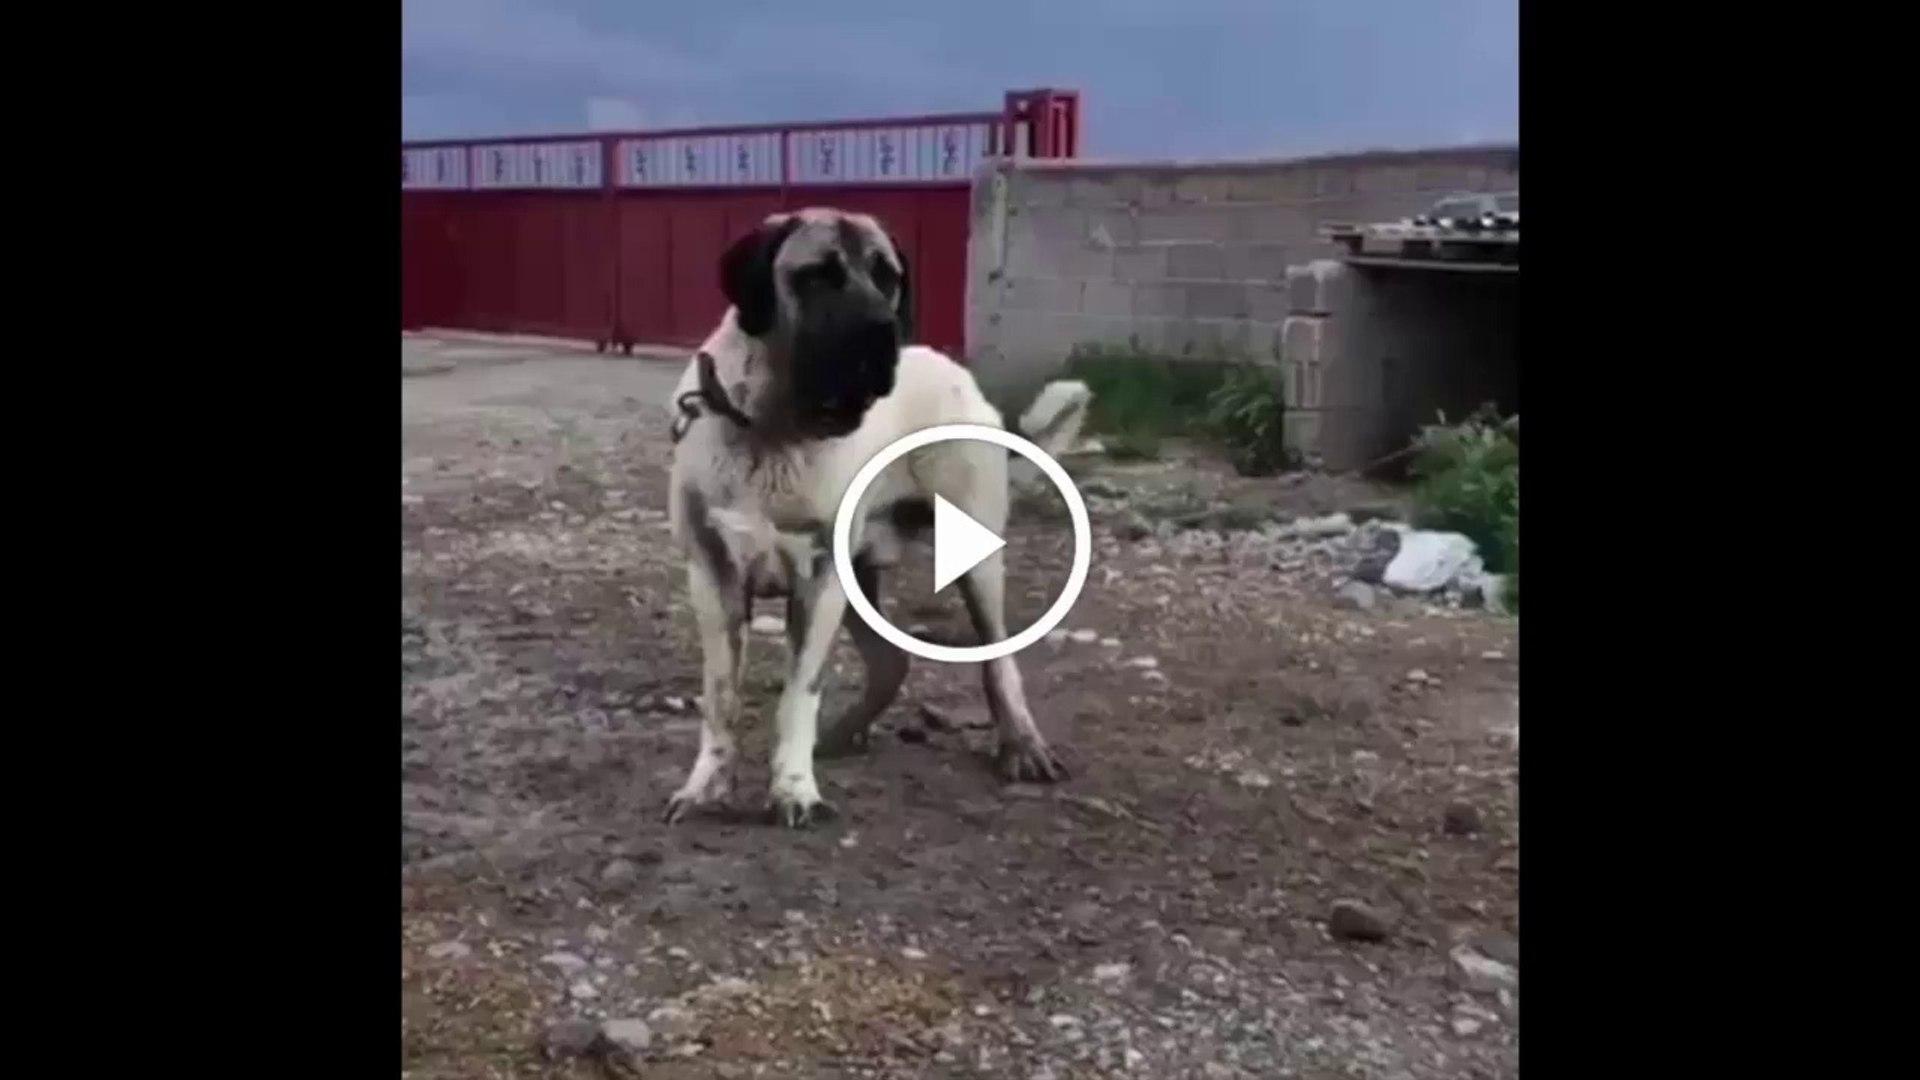 AKSARAY MALAKLI KOPEK YAVRUSU - ANATOLiAN SHEPHERD AKSARAY MALAKLI DOG PUPPY